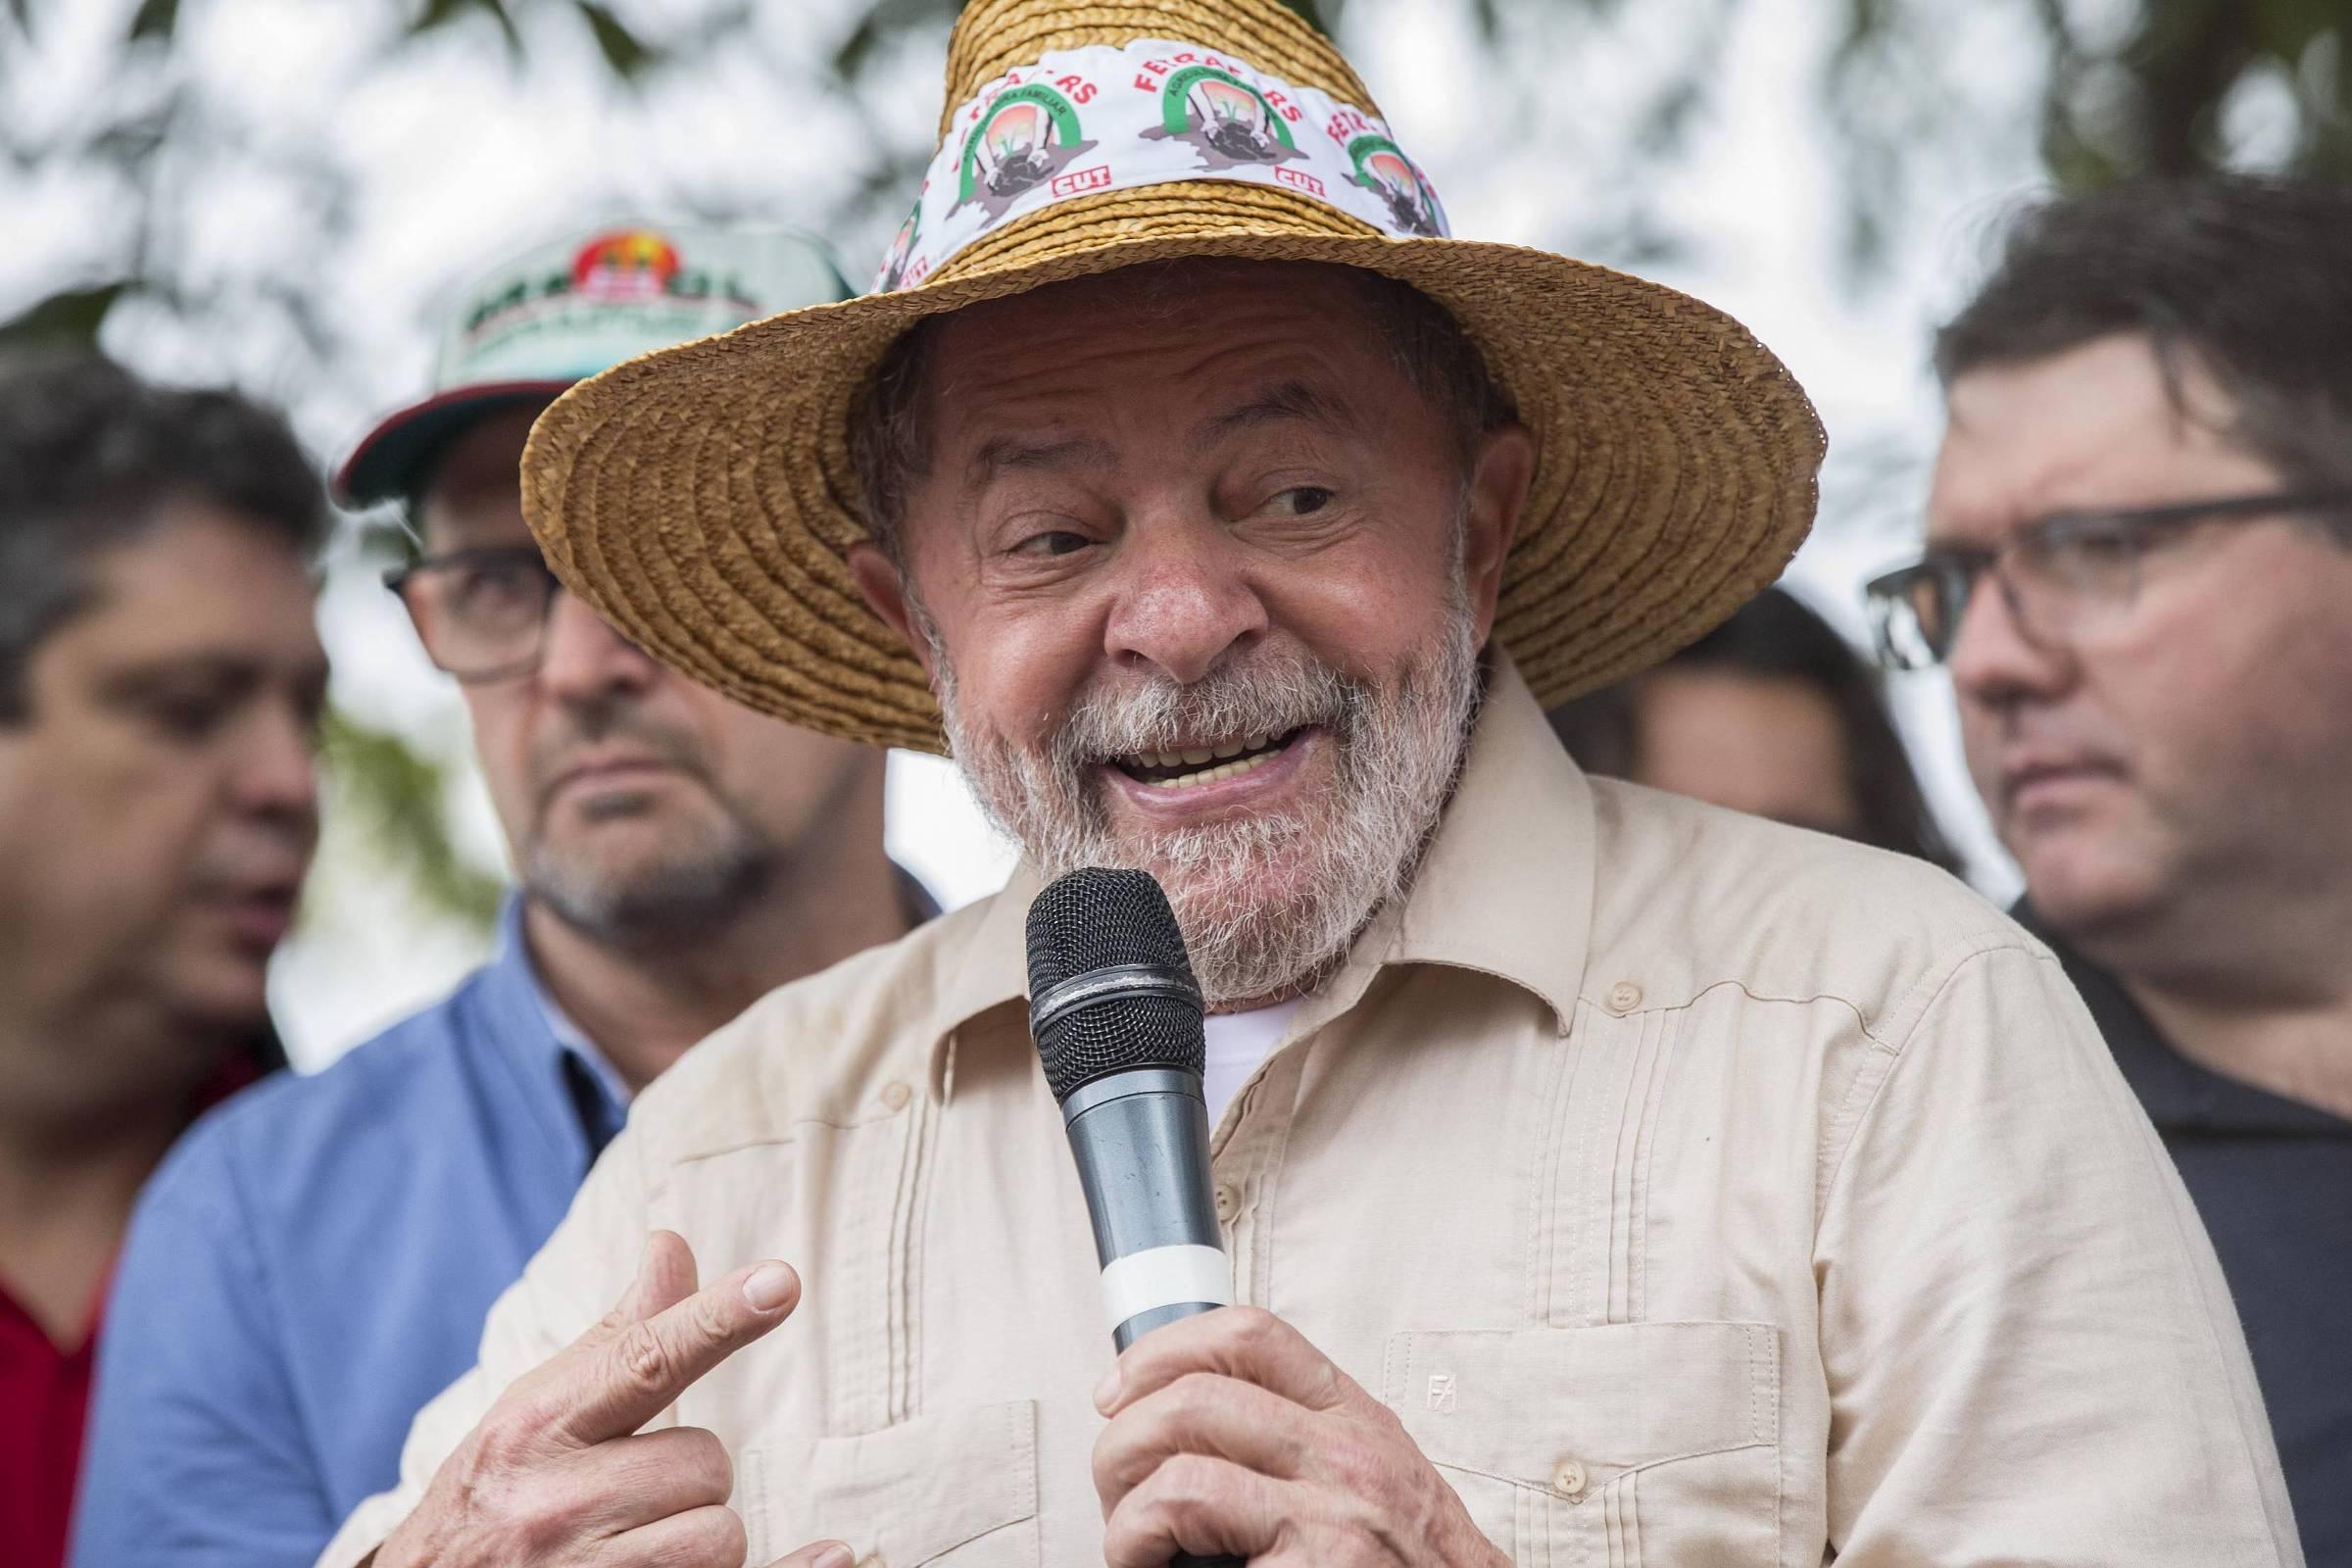 Avião com faixa contra Lula provoca apoiadores do petista no RS